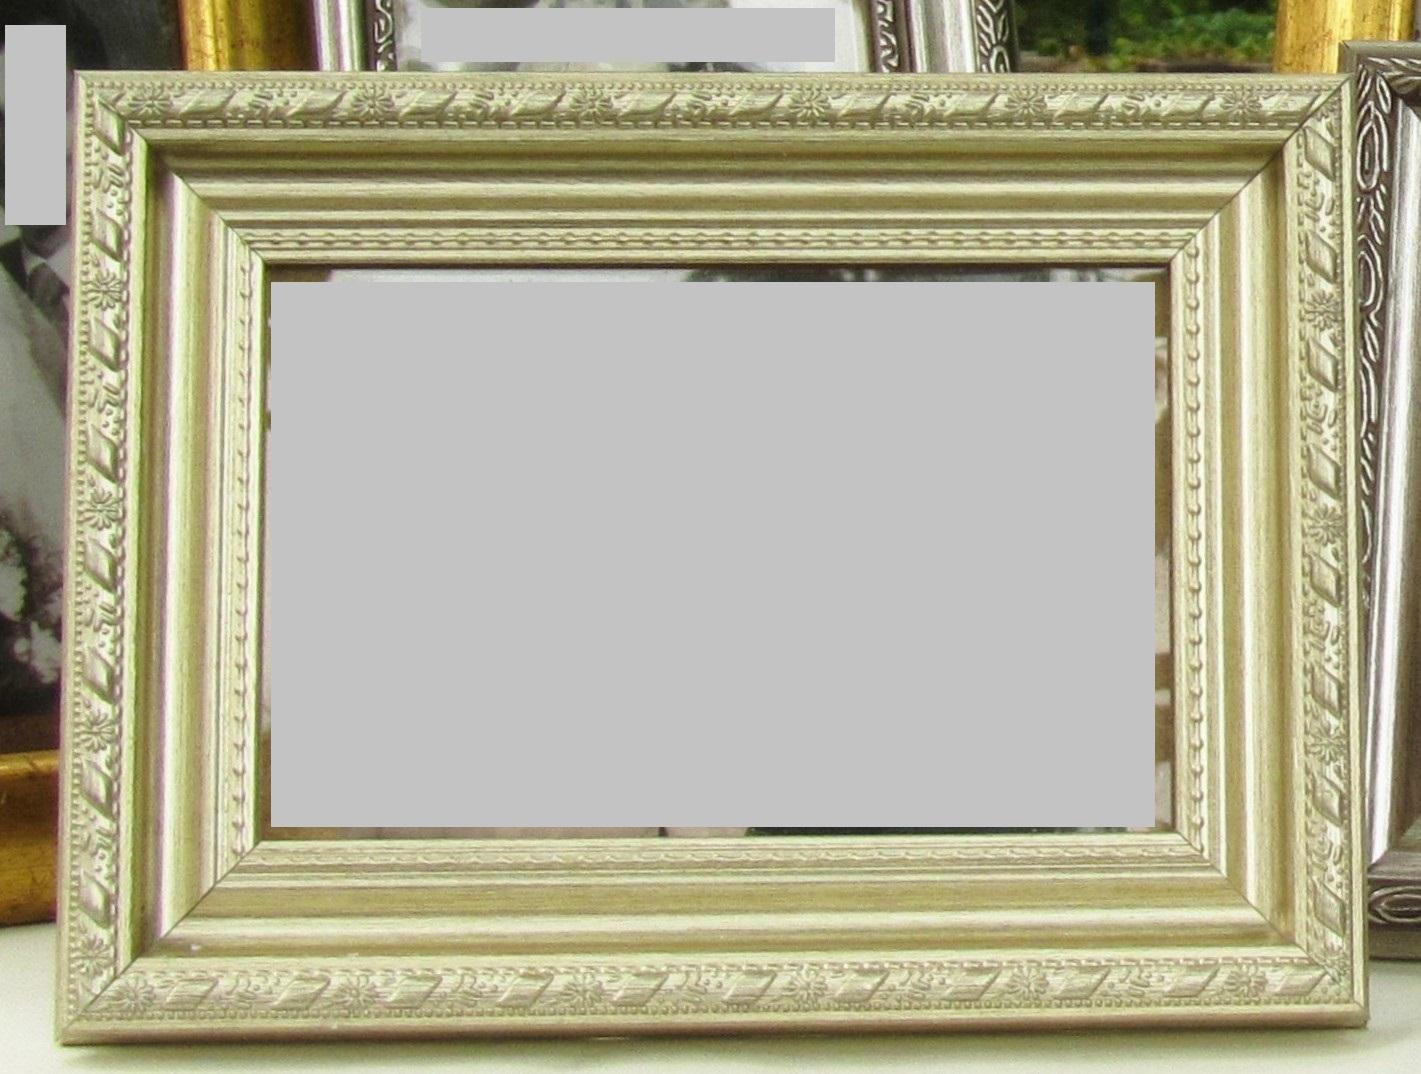 Zlatý rámeček - rezervace - Obrázek č. 1